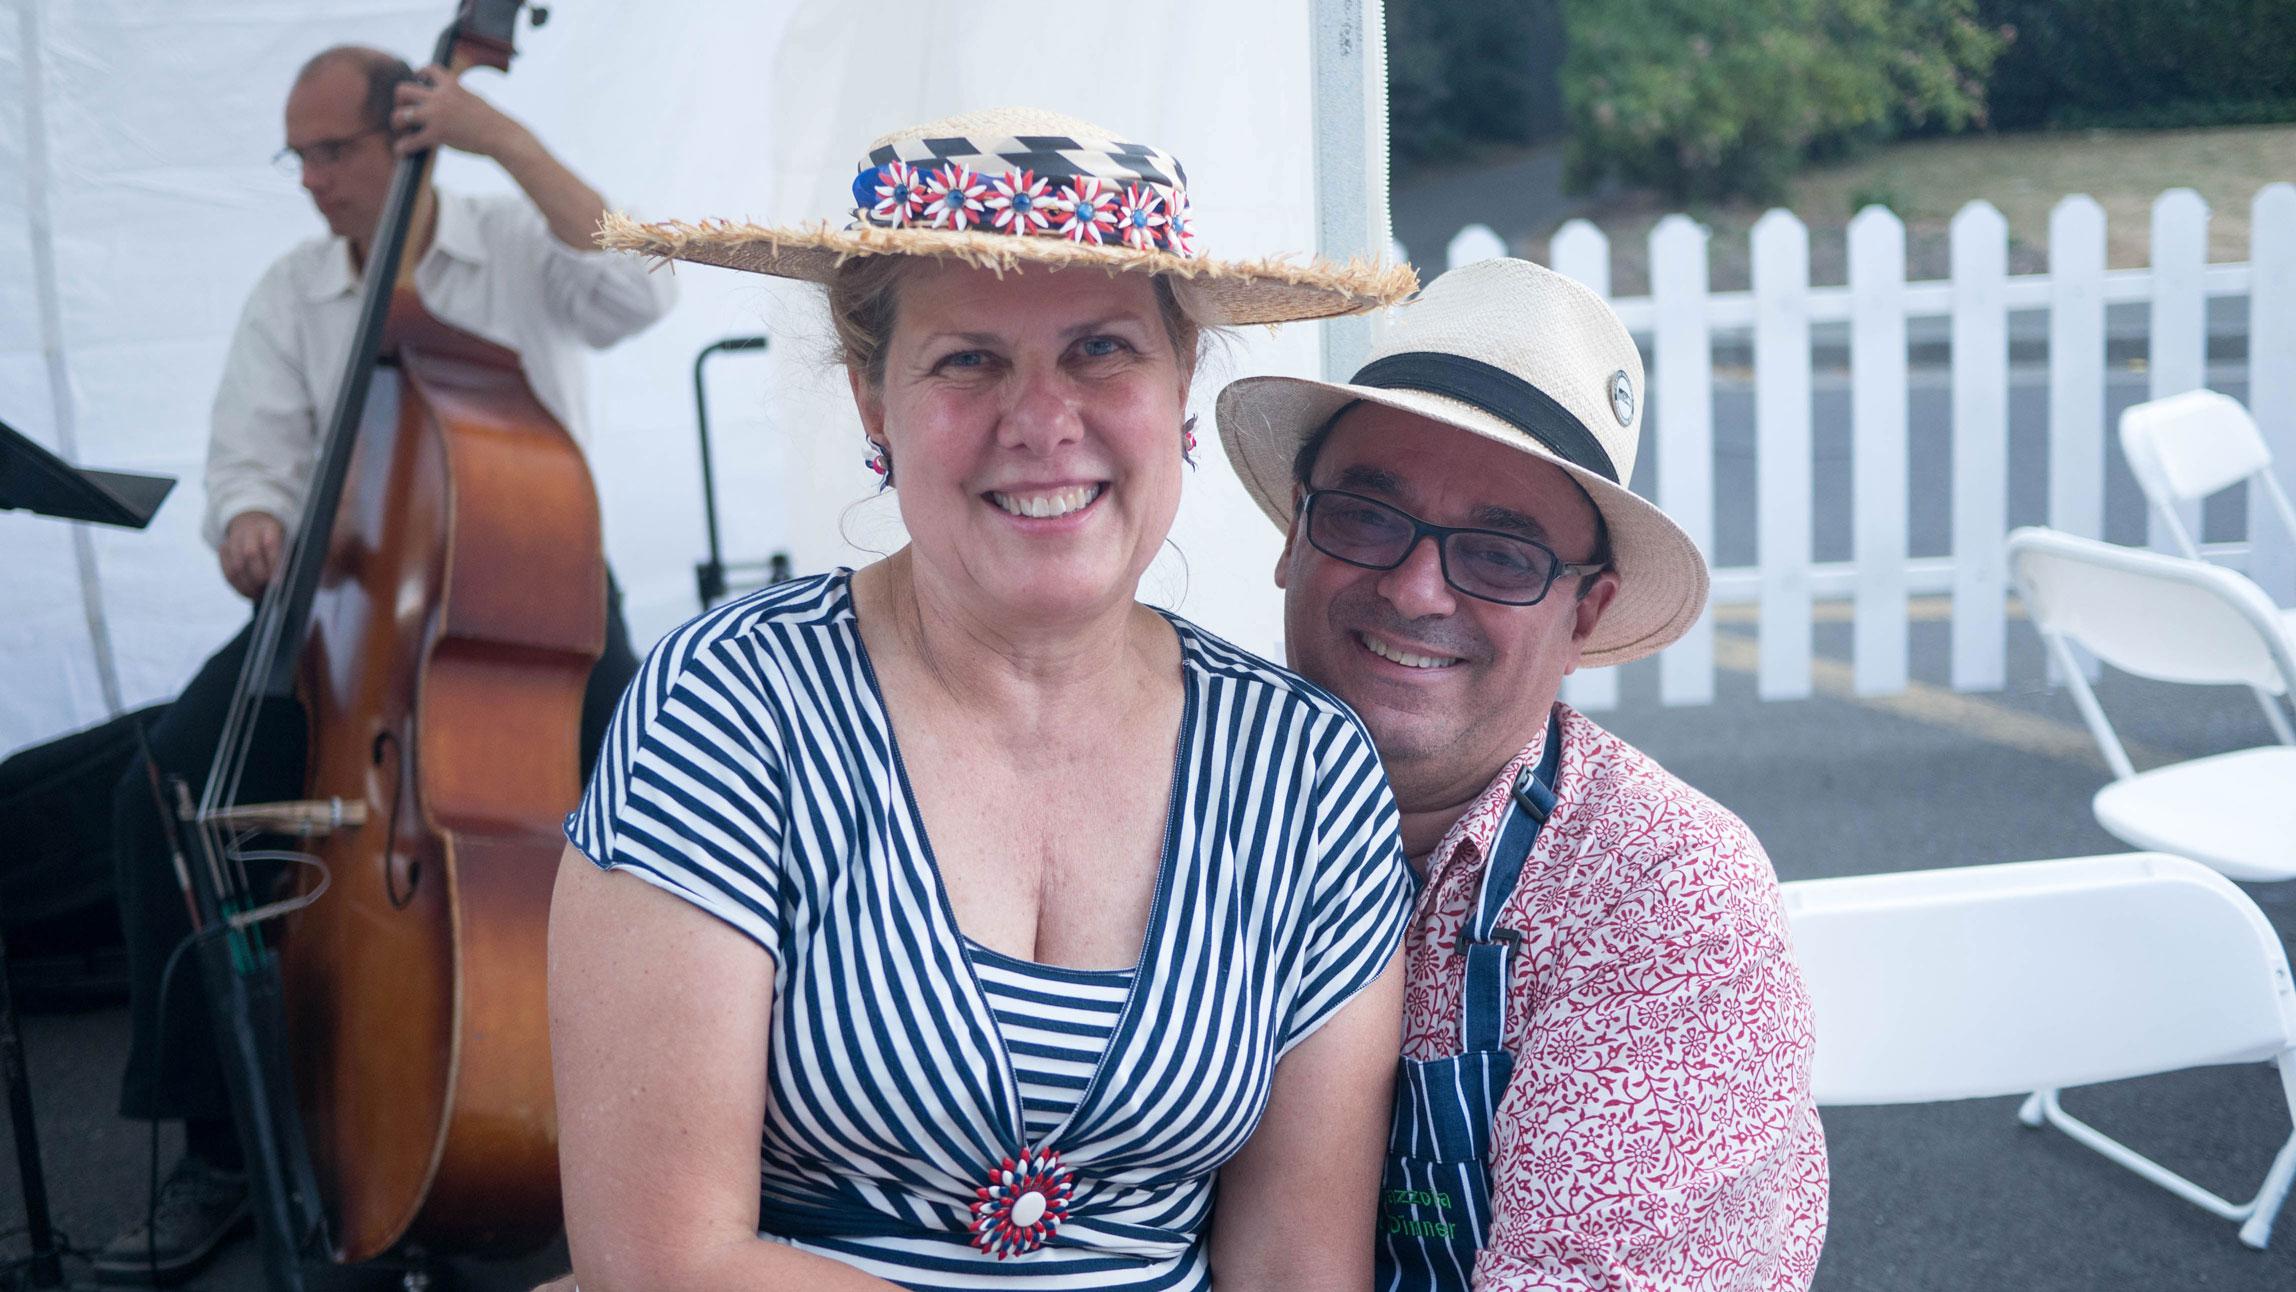 Kathy & Thierry Rautureau